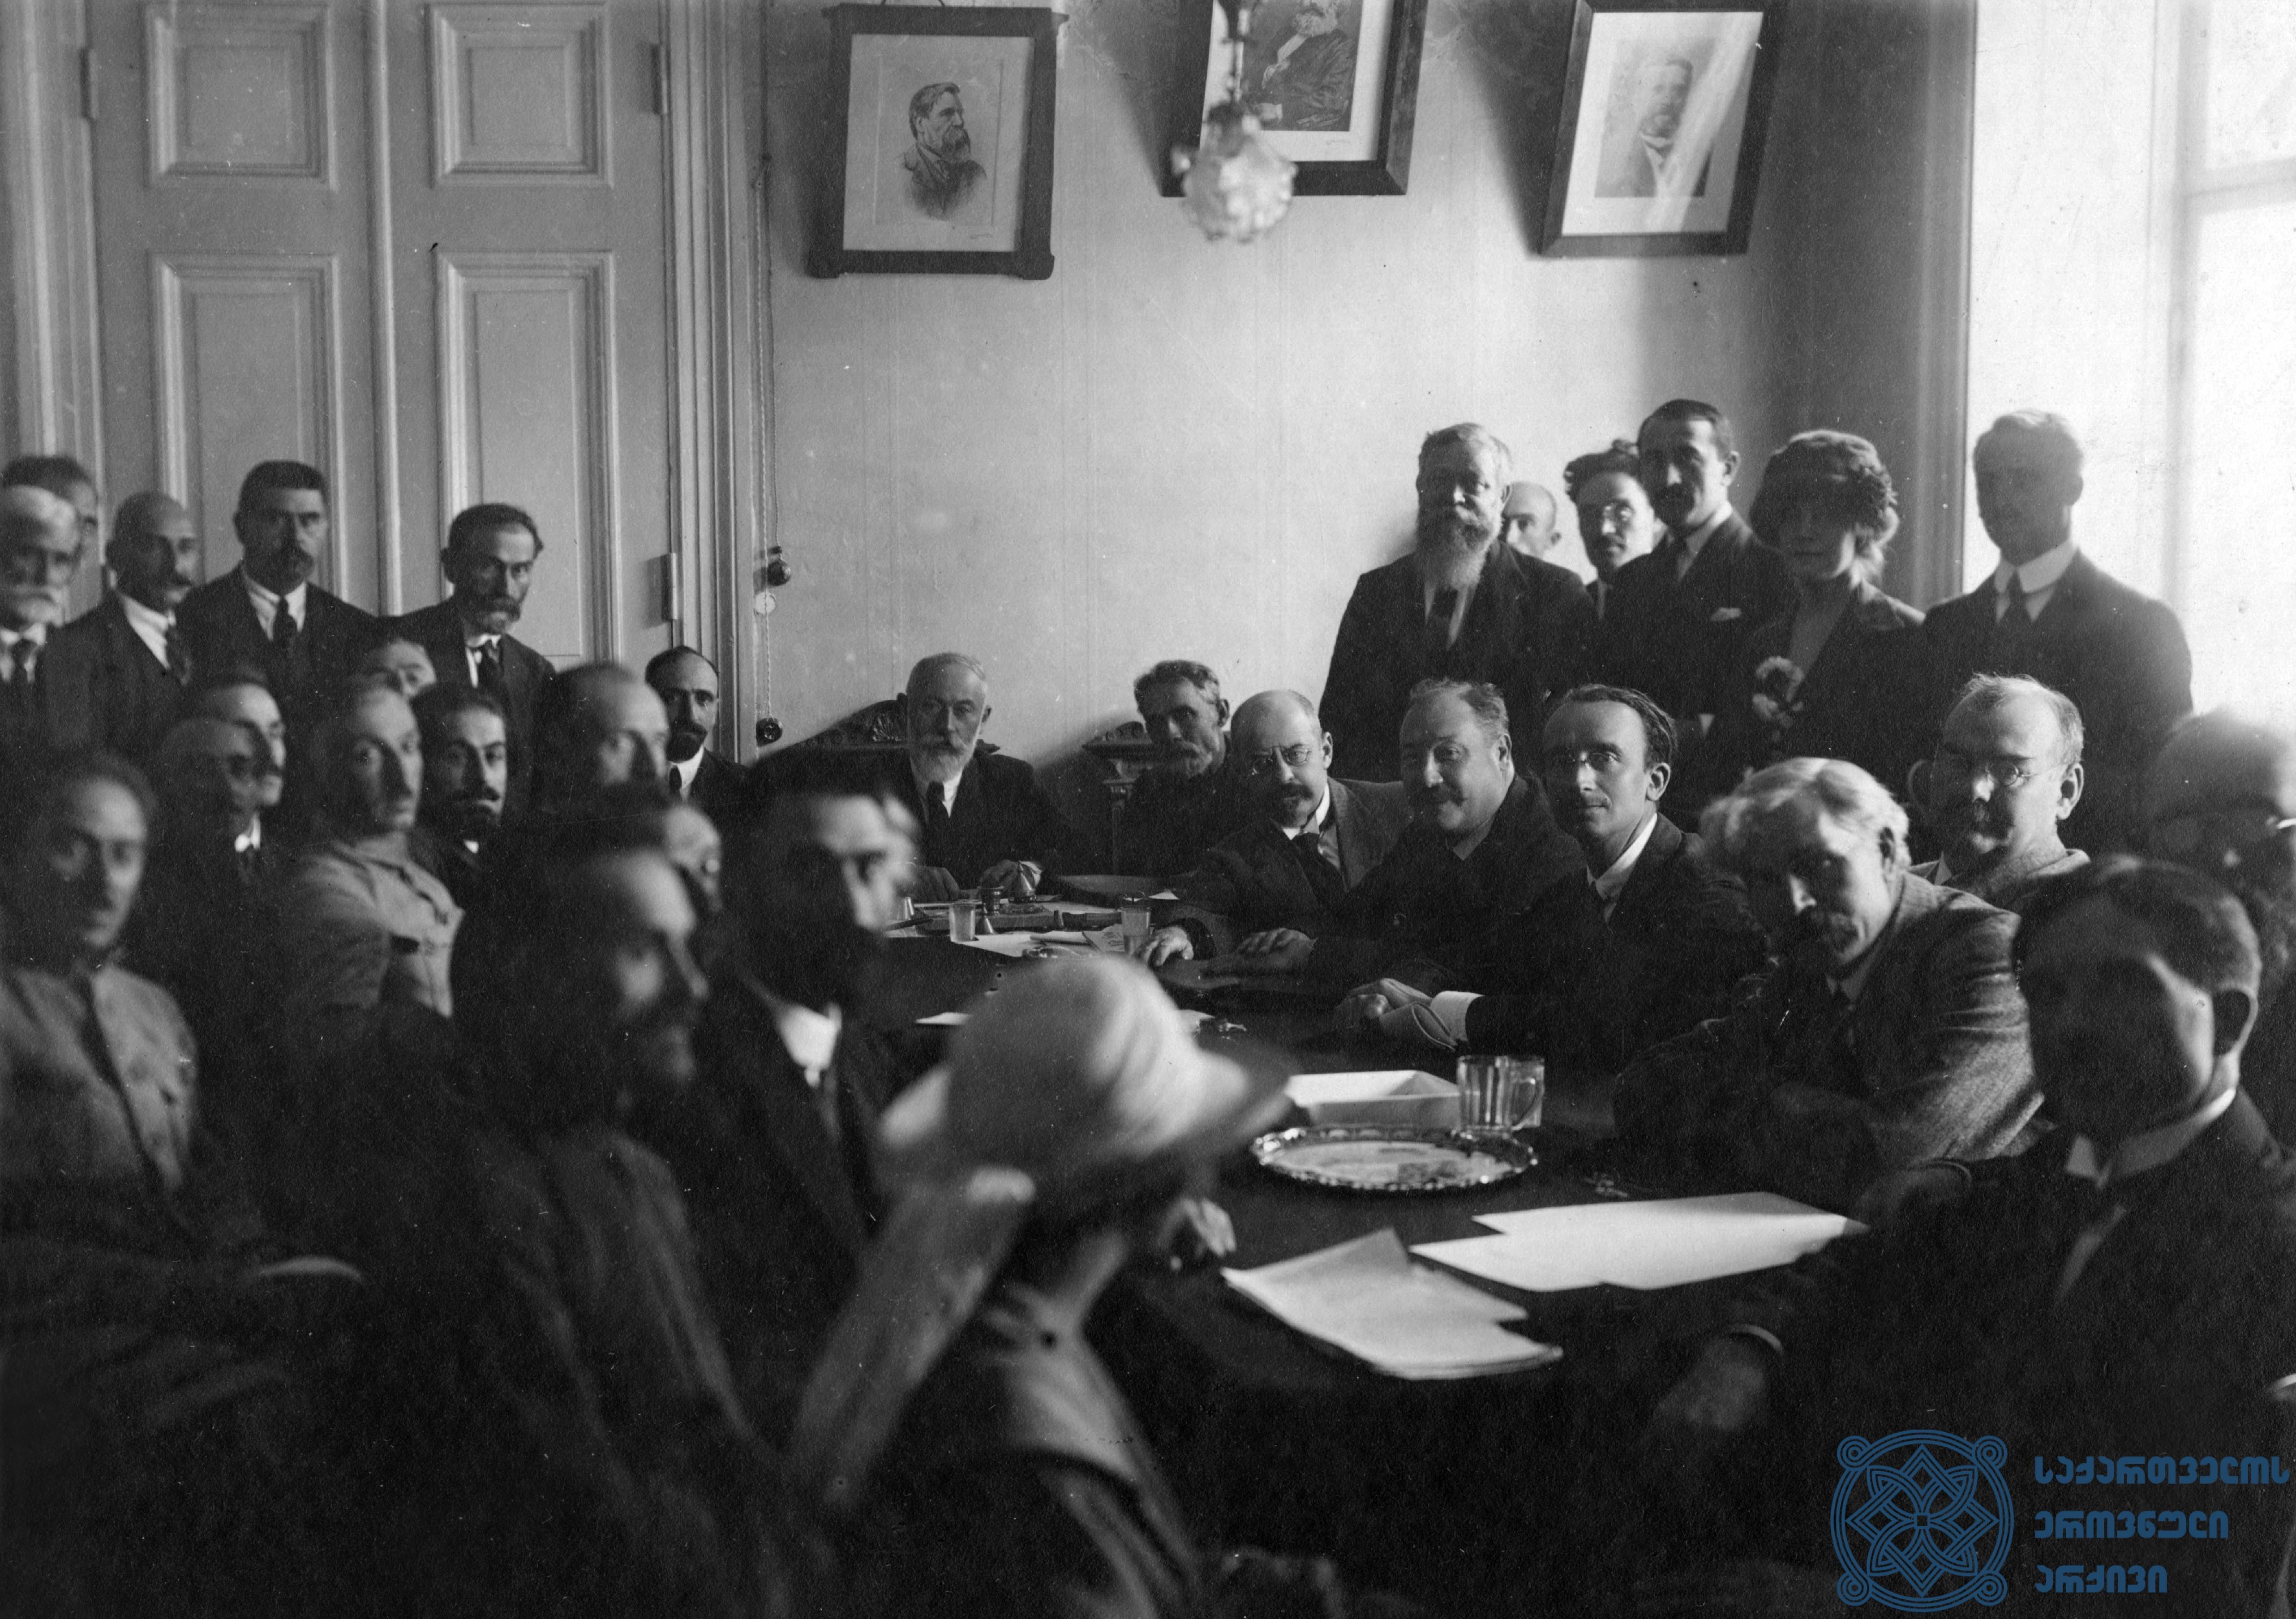 მეორე სოციალისტური ინტერნაციონალის დელეგაცია საქართველოს მთავრობის თავმჯდომარე ნოე ჟორდანიასთან მიღებაზე თბილისში. 1920 წლის სექტემბერი. <br> The delegation of the Second Socialist International is attending a reception, held by Noe Zhordania, the Chairman of the Government of Georgia in Tbilisi. September 1920.